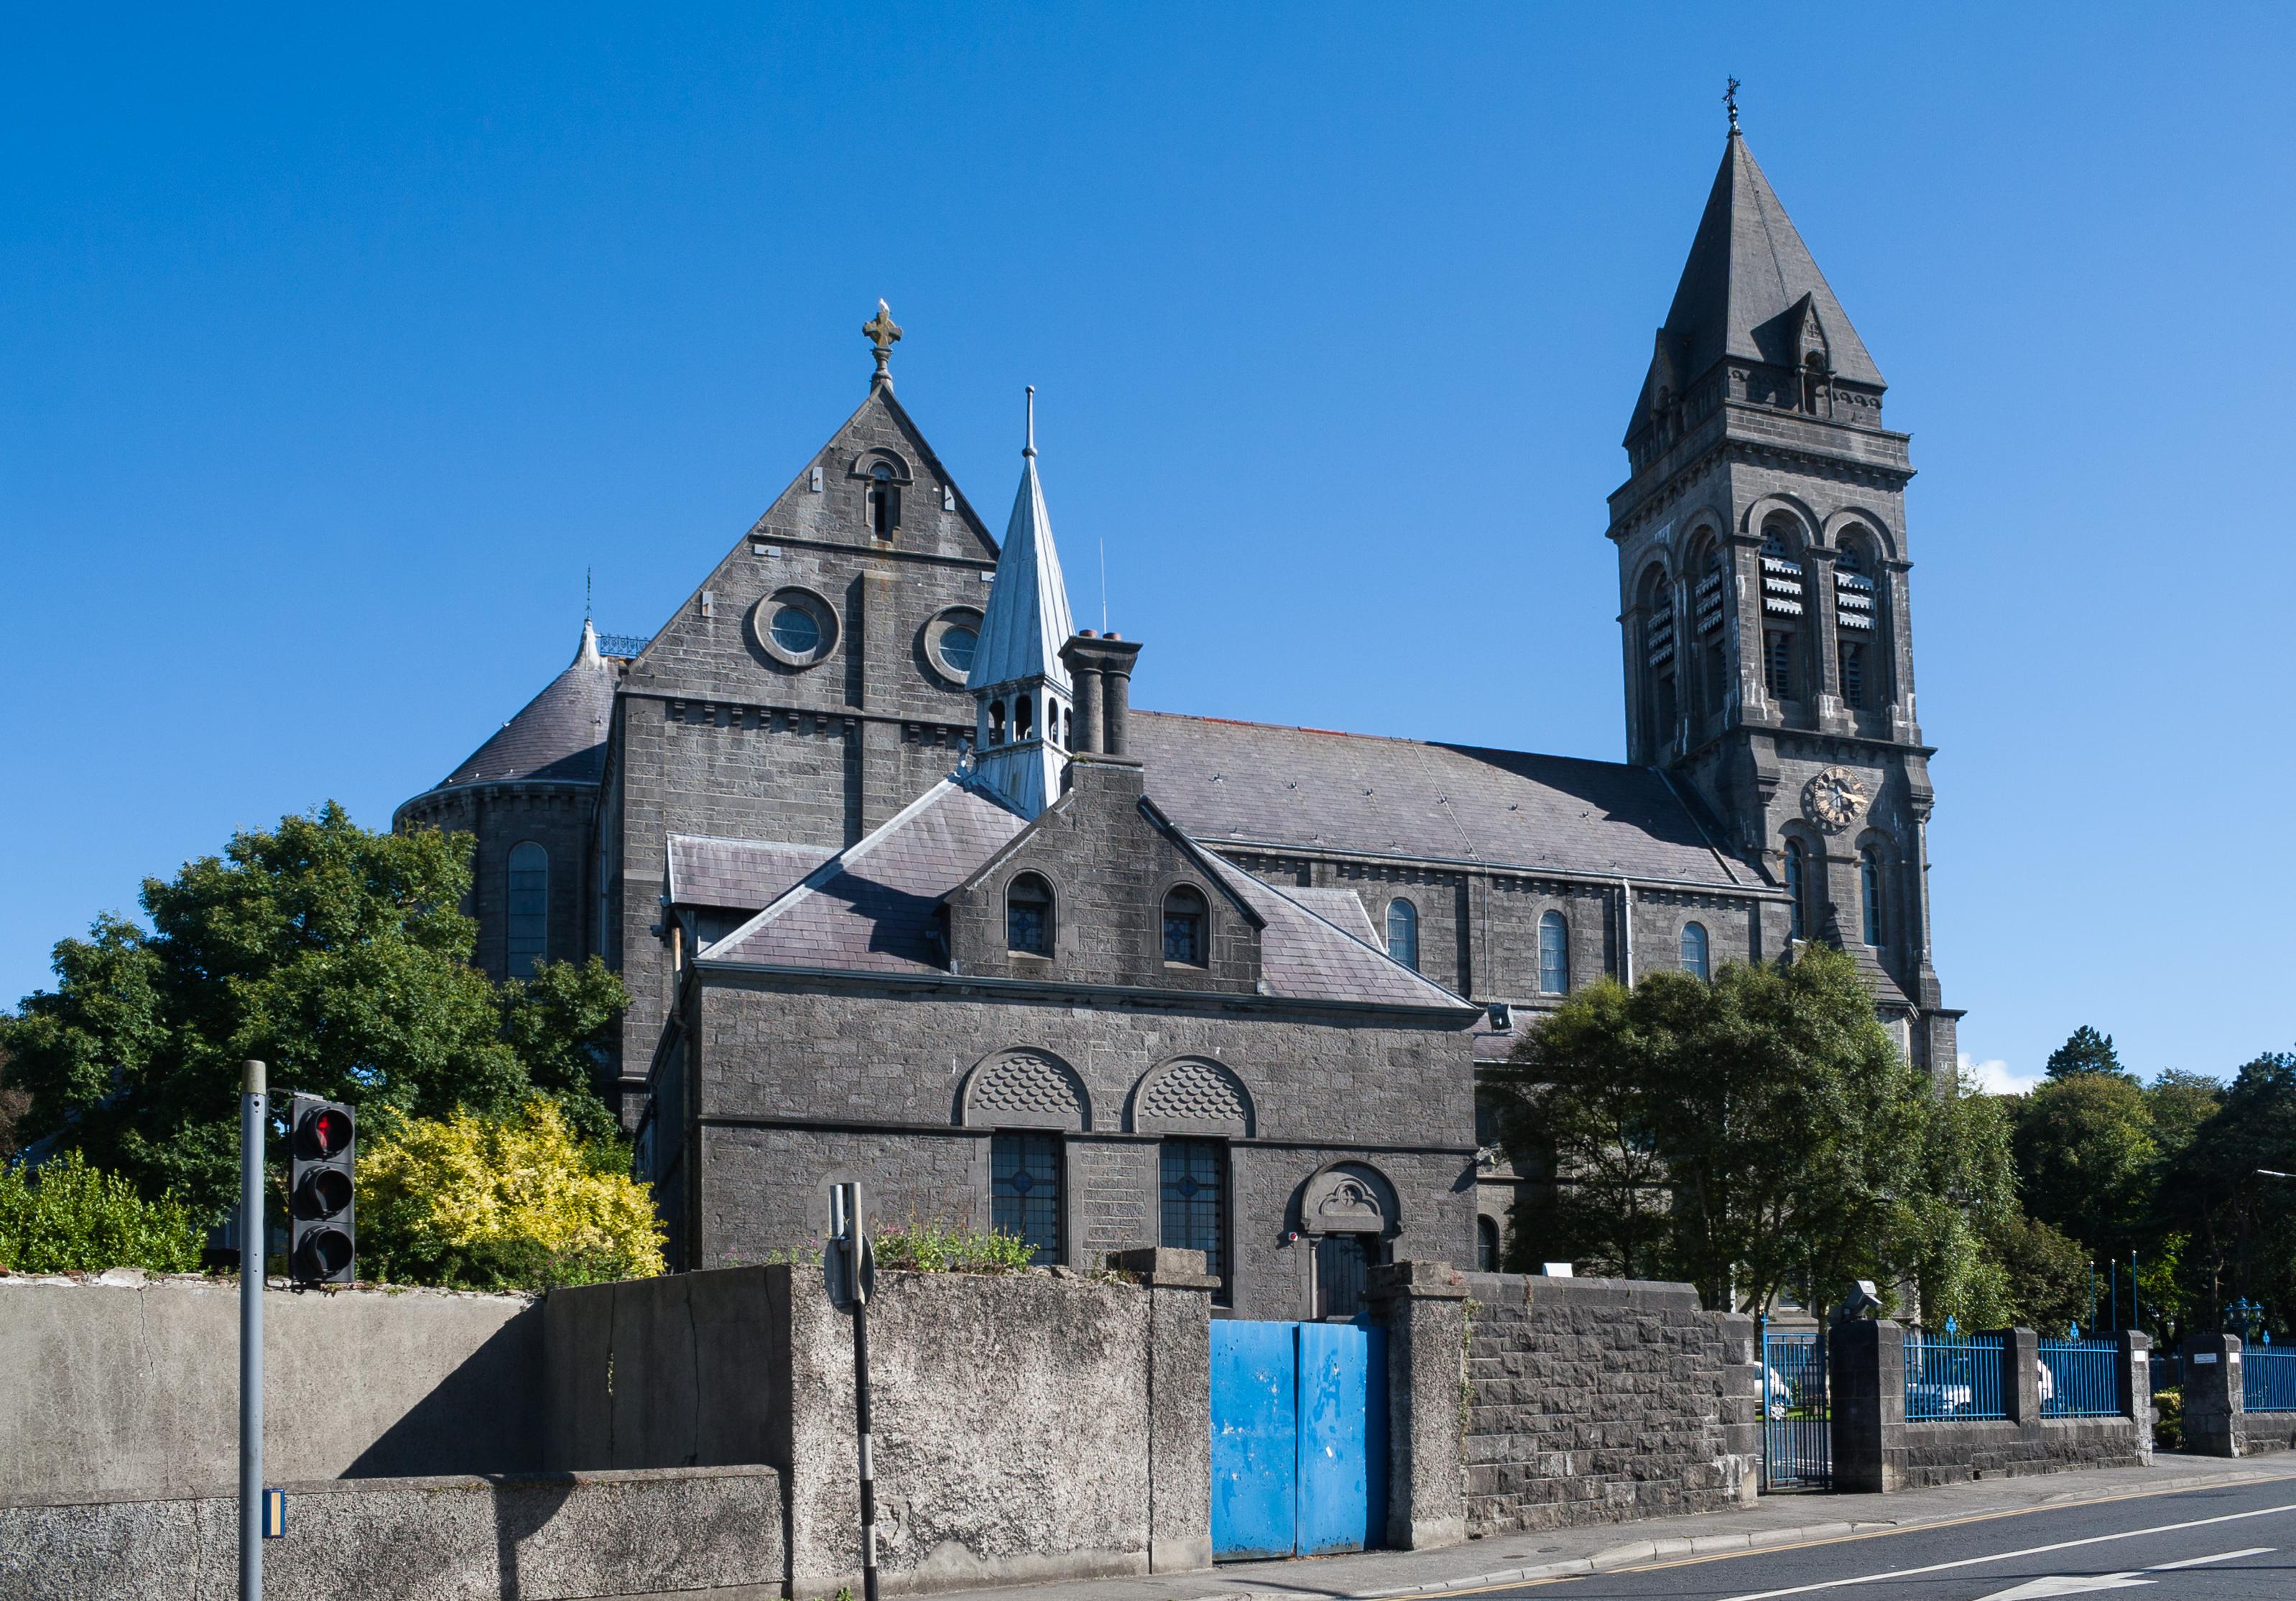 Planning My Trip to the Northwest FINALLY!!! - Ireland Forum